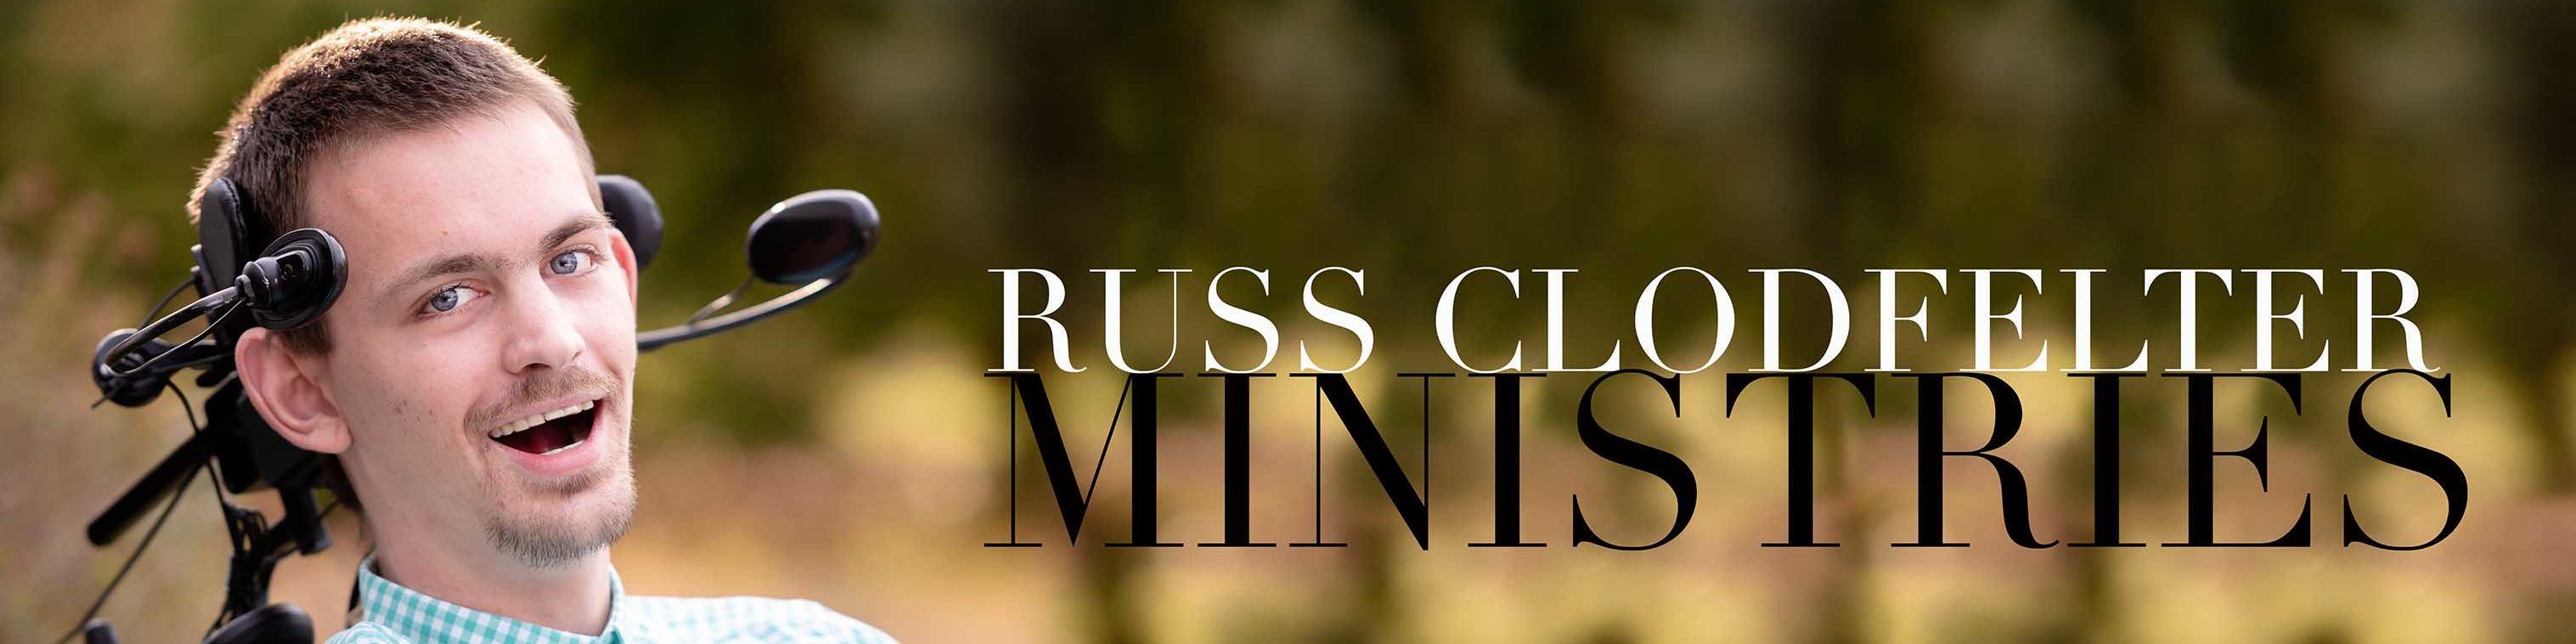 Russ Clodfelter Ministries